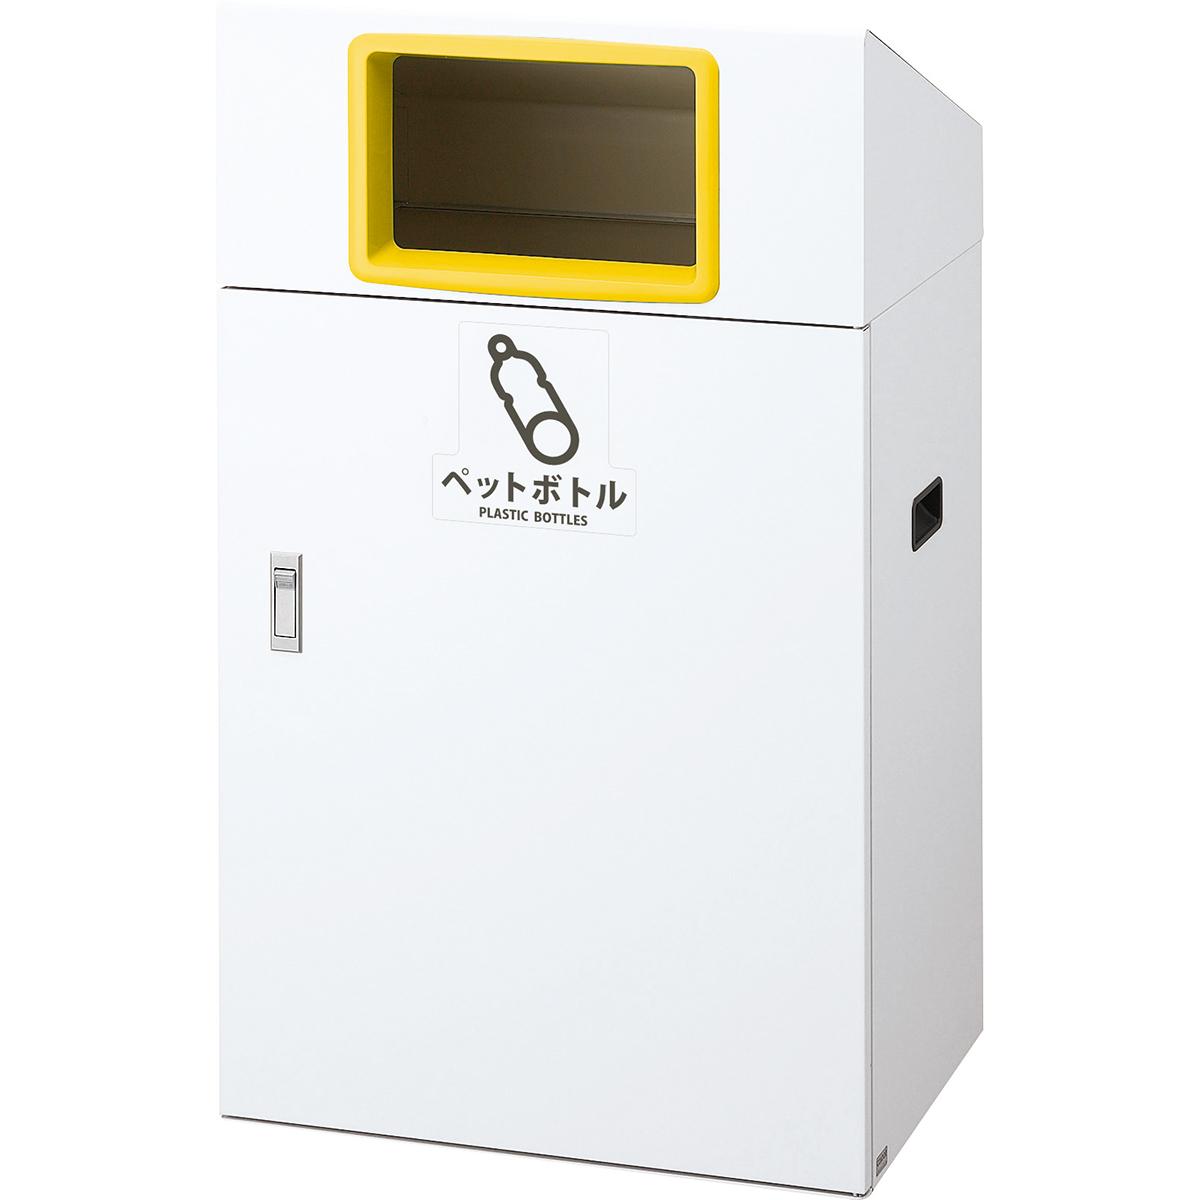 山崎産業 リサイクルボックス YO-90 90L ペットボトル/Y(黄) (代引不可) YW-407L-ID